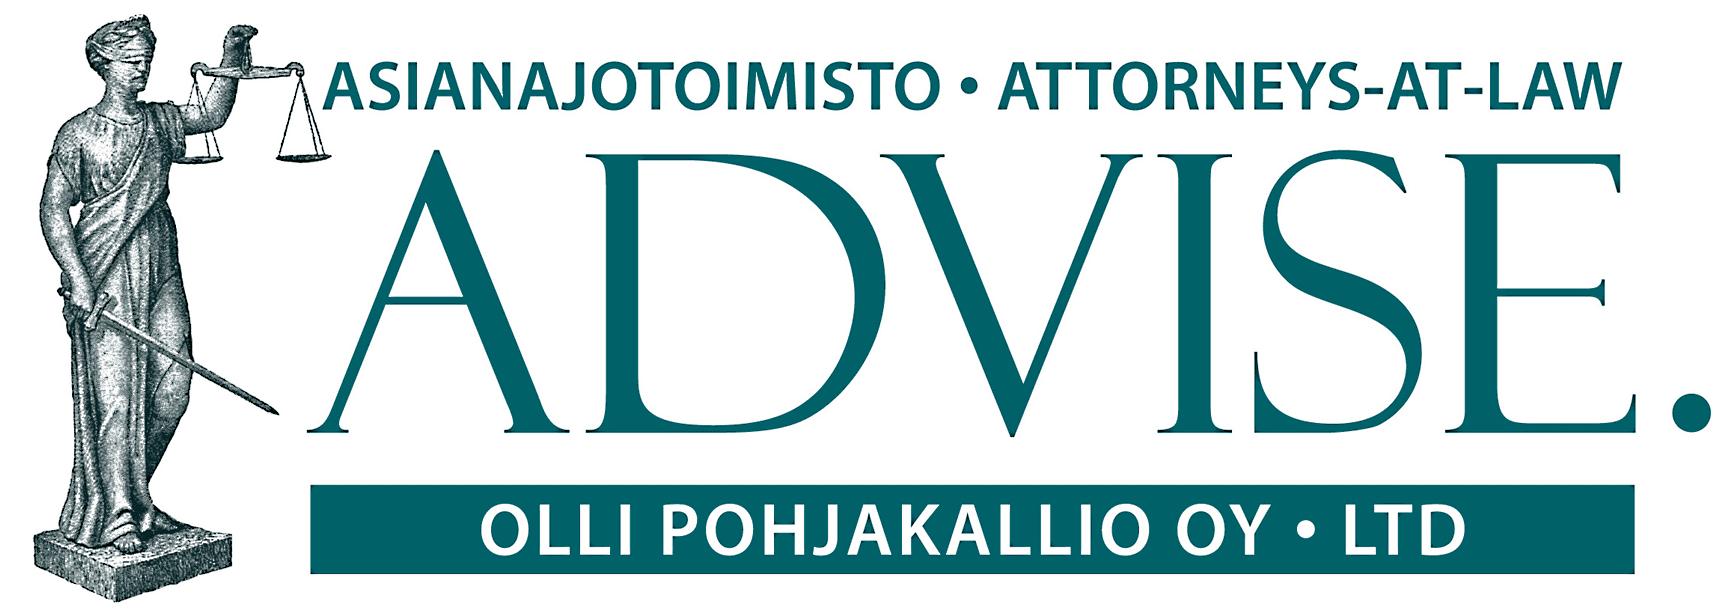 ADVISE. Asianajotoimisto Olli Pohjakallio Oy